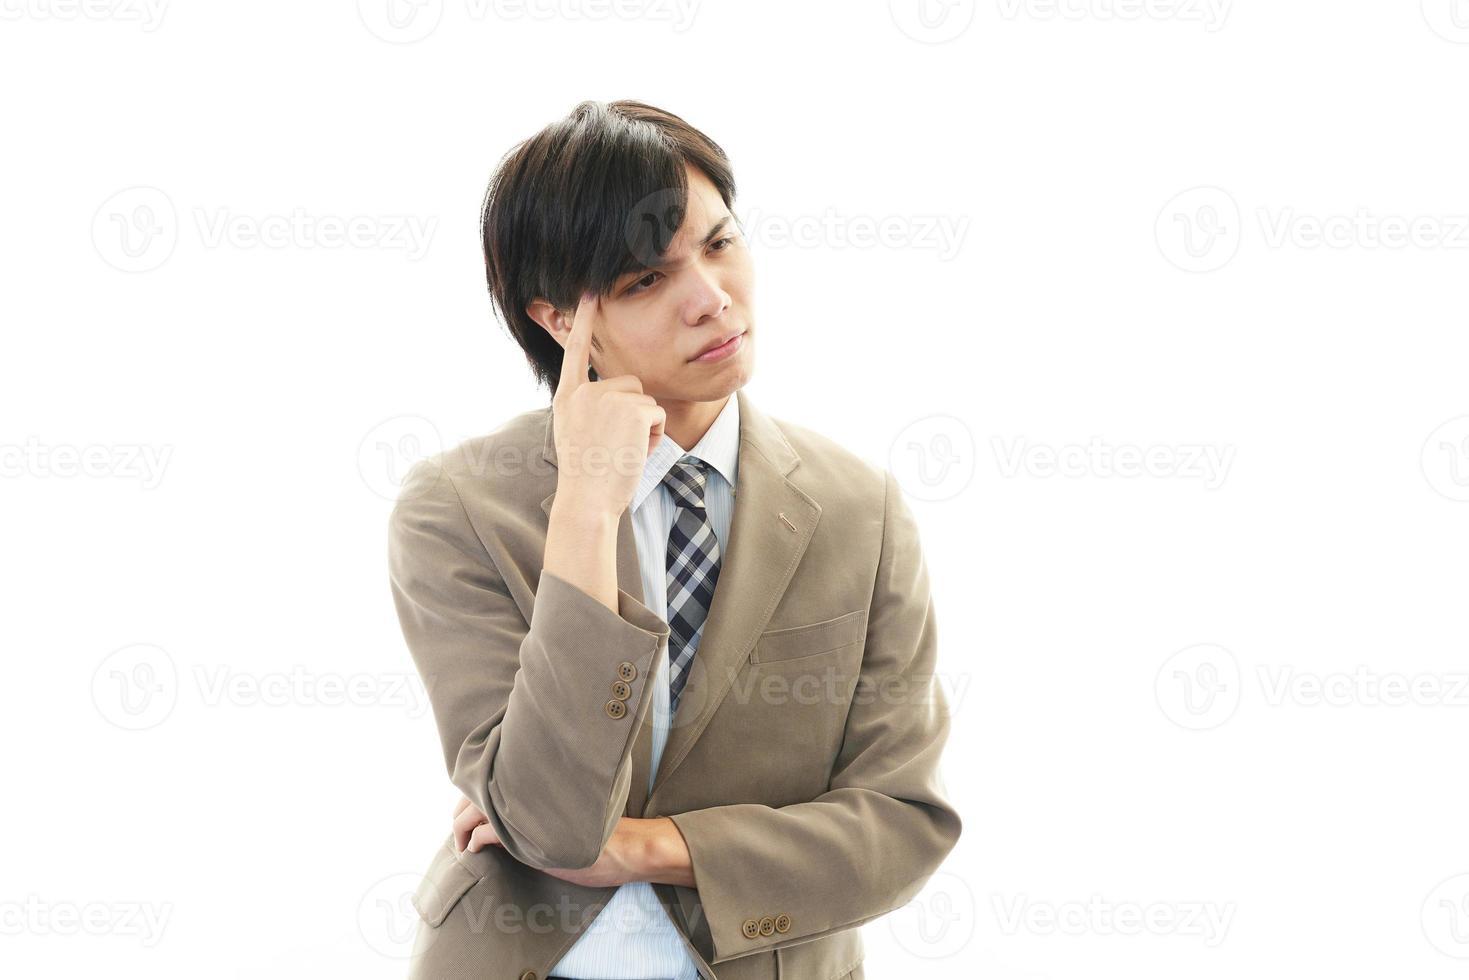 betonte asiatischer Geschäftsmann foto